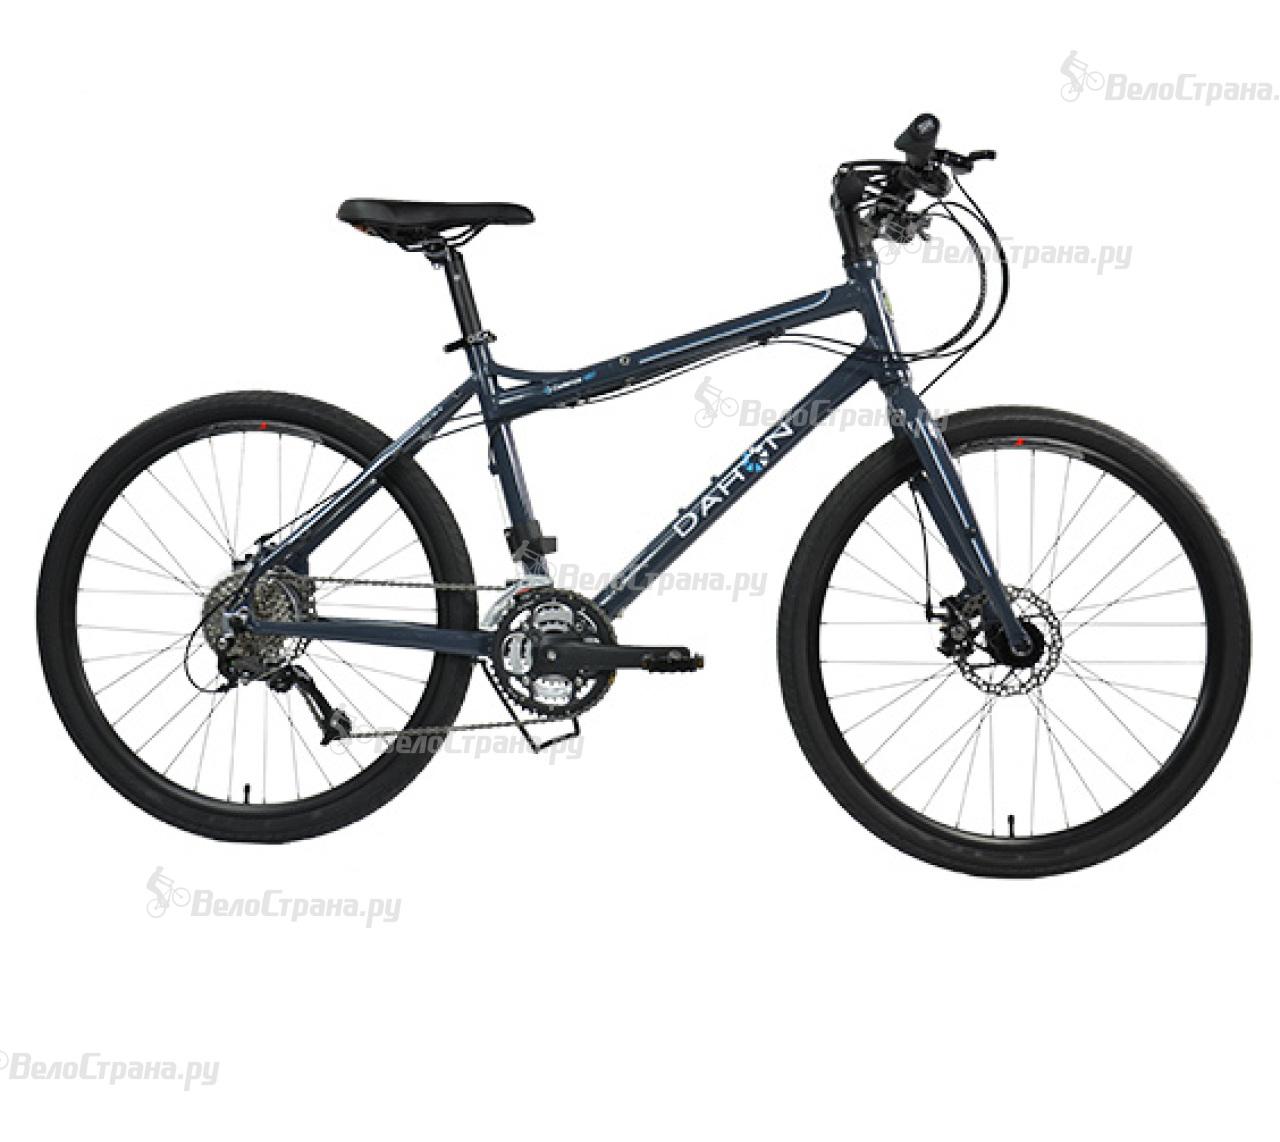 Велосипед Dahon Cadenza D27 (2017) велосипед dahon ciao d7 2015